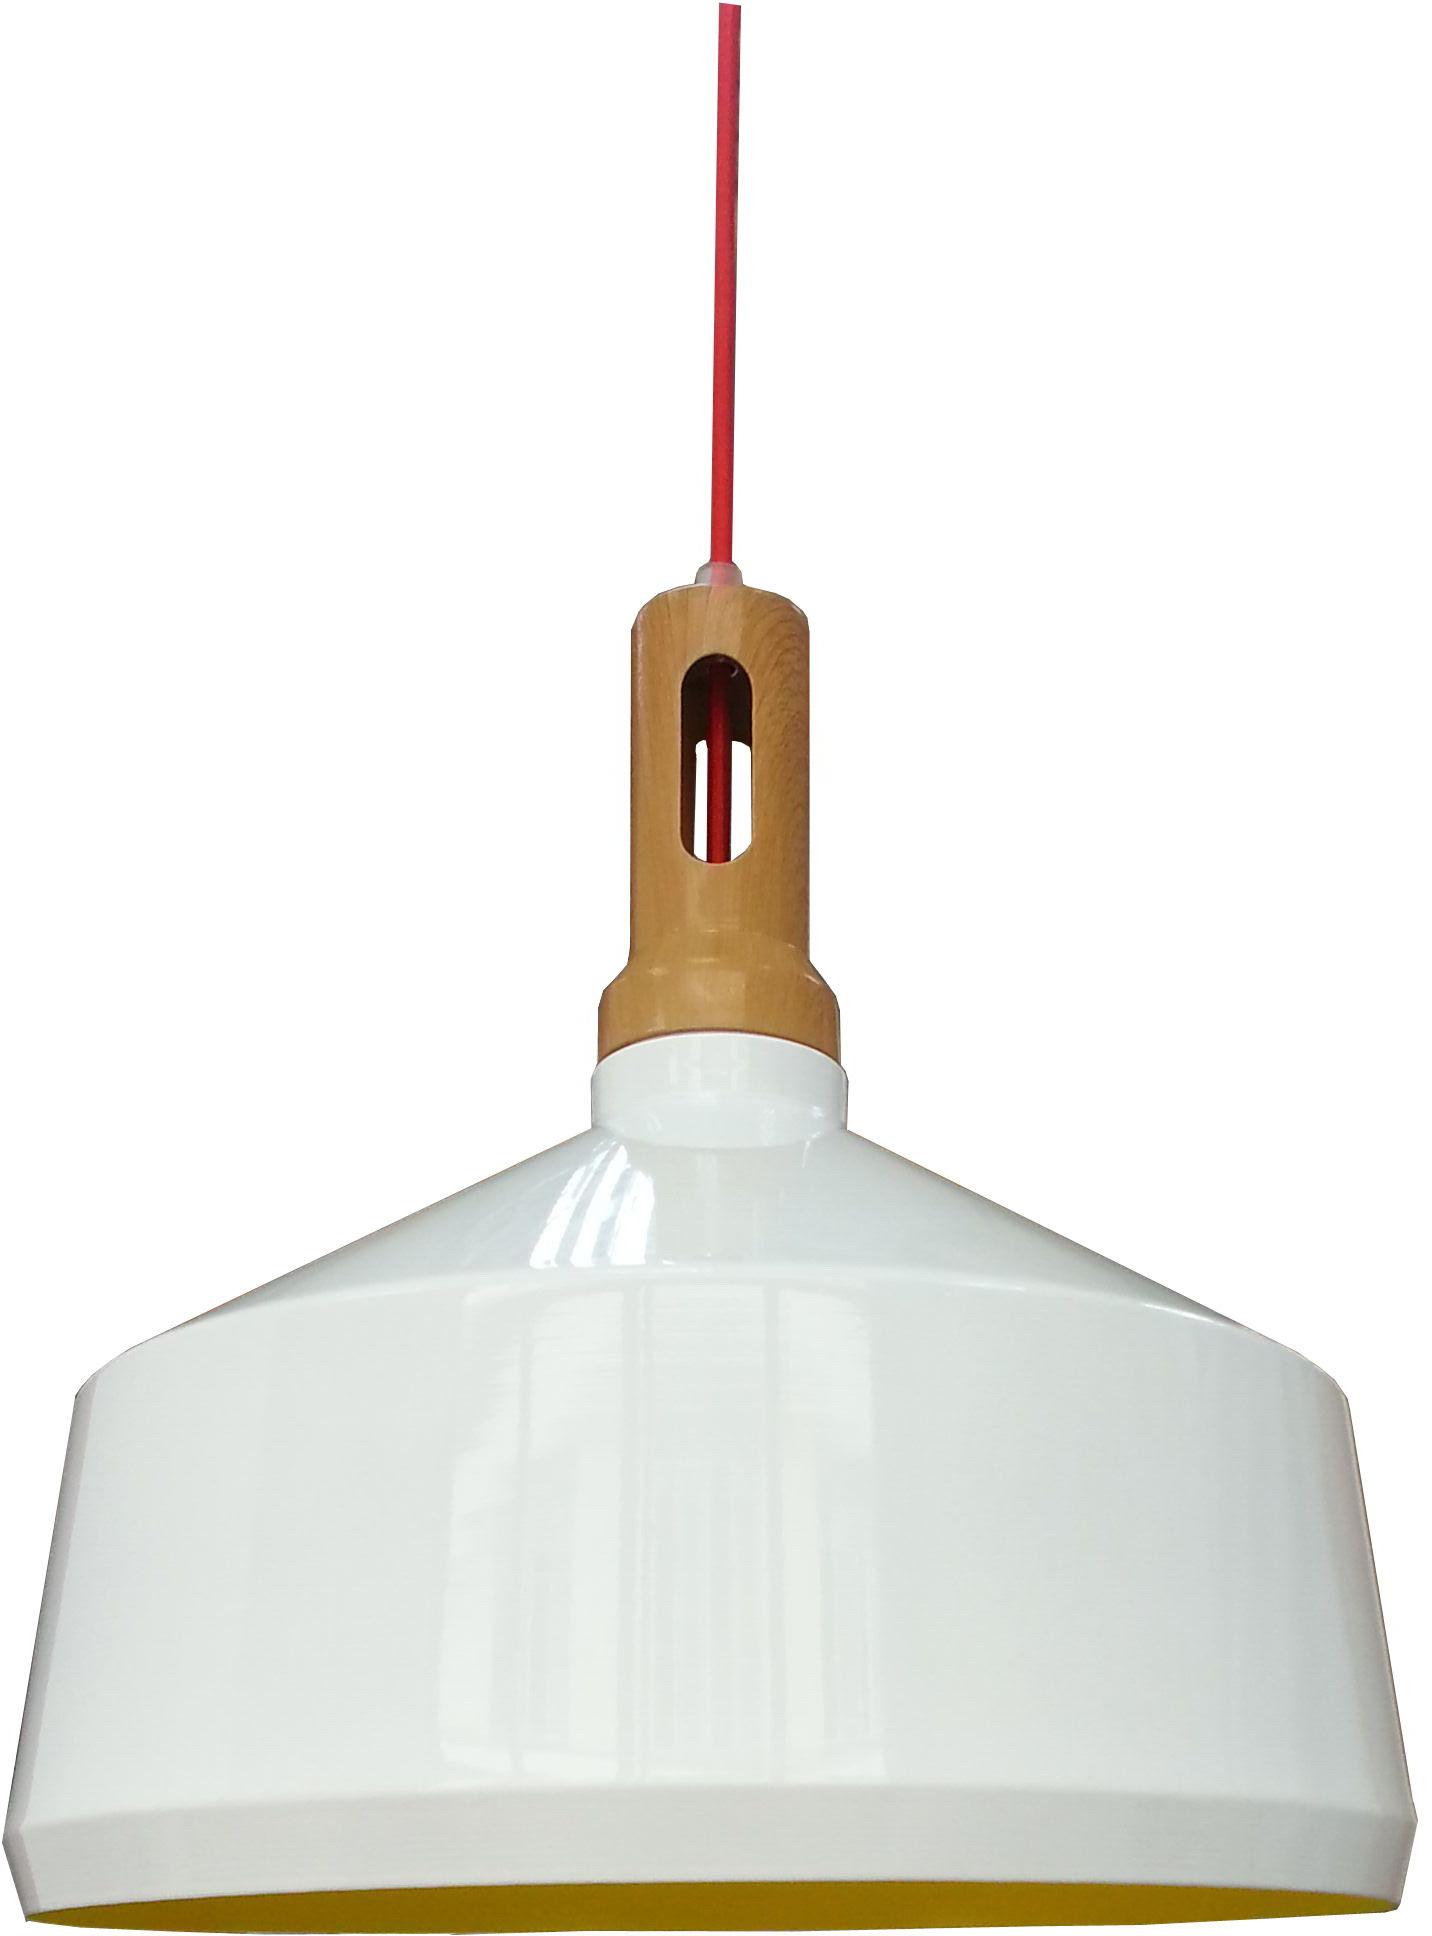 Candellux ROBINSON 31-37688 lampa wisząca aluminiowy klosz biały wnętrze żółte imitacja drewna 1X60W E27 36cm